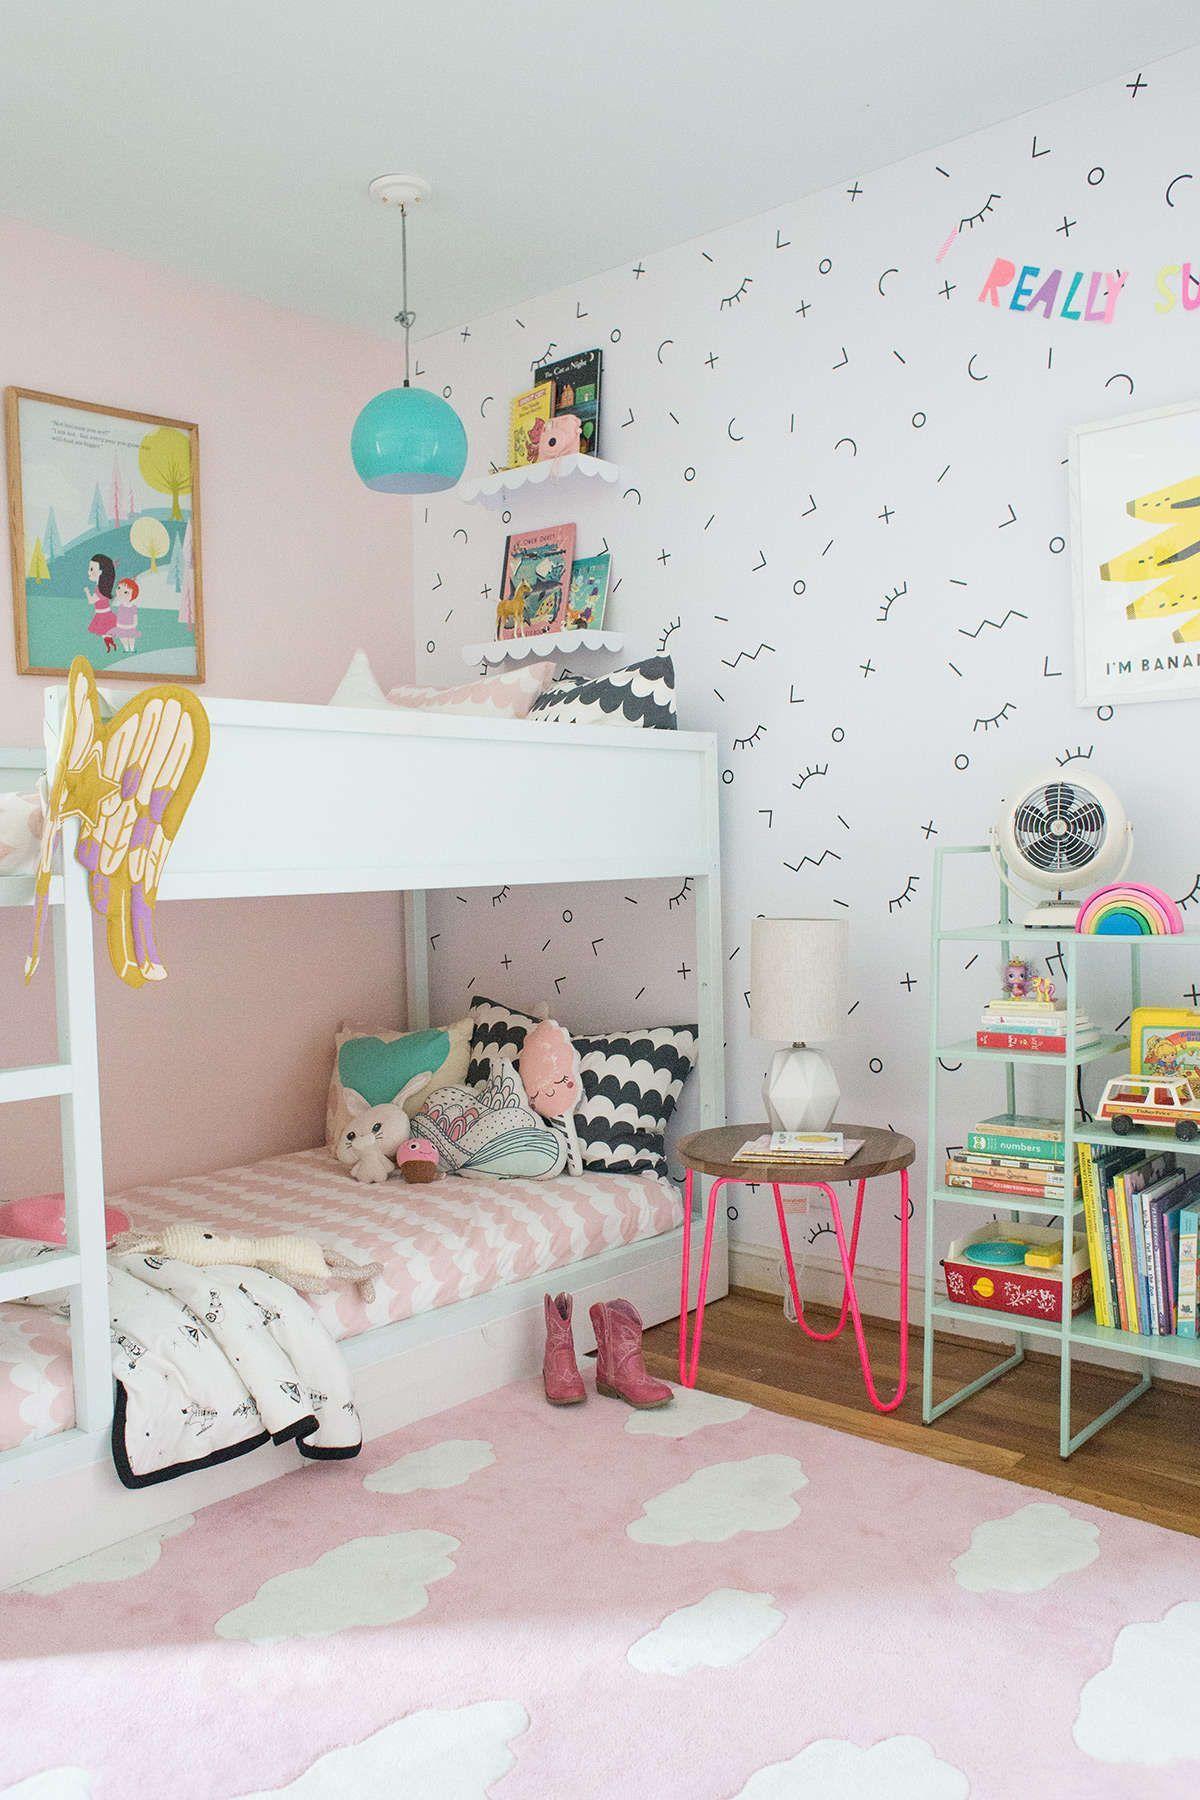 DIY Riser For IKEA Kura Bed More